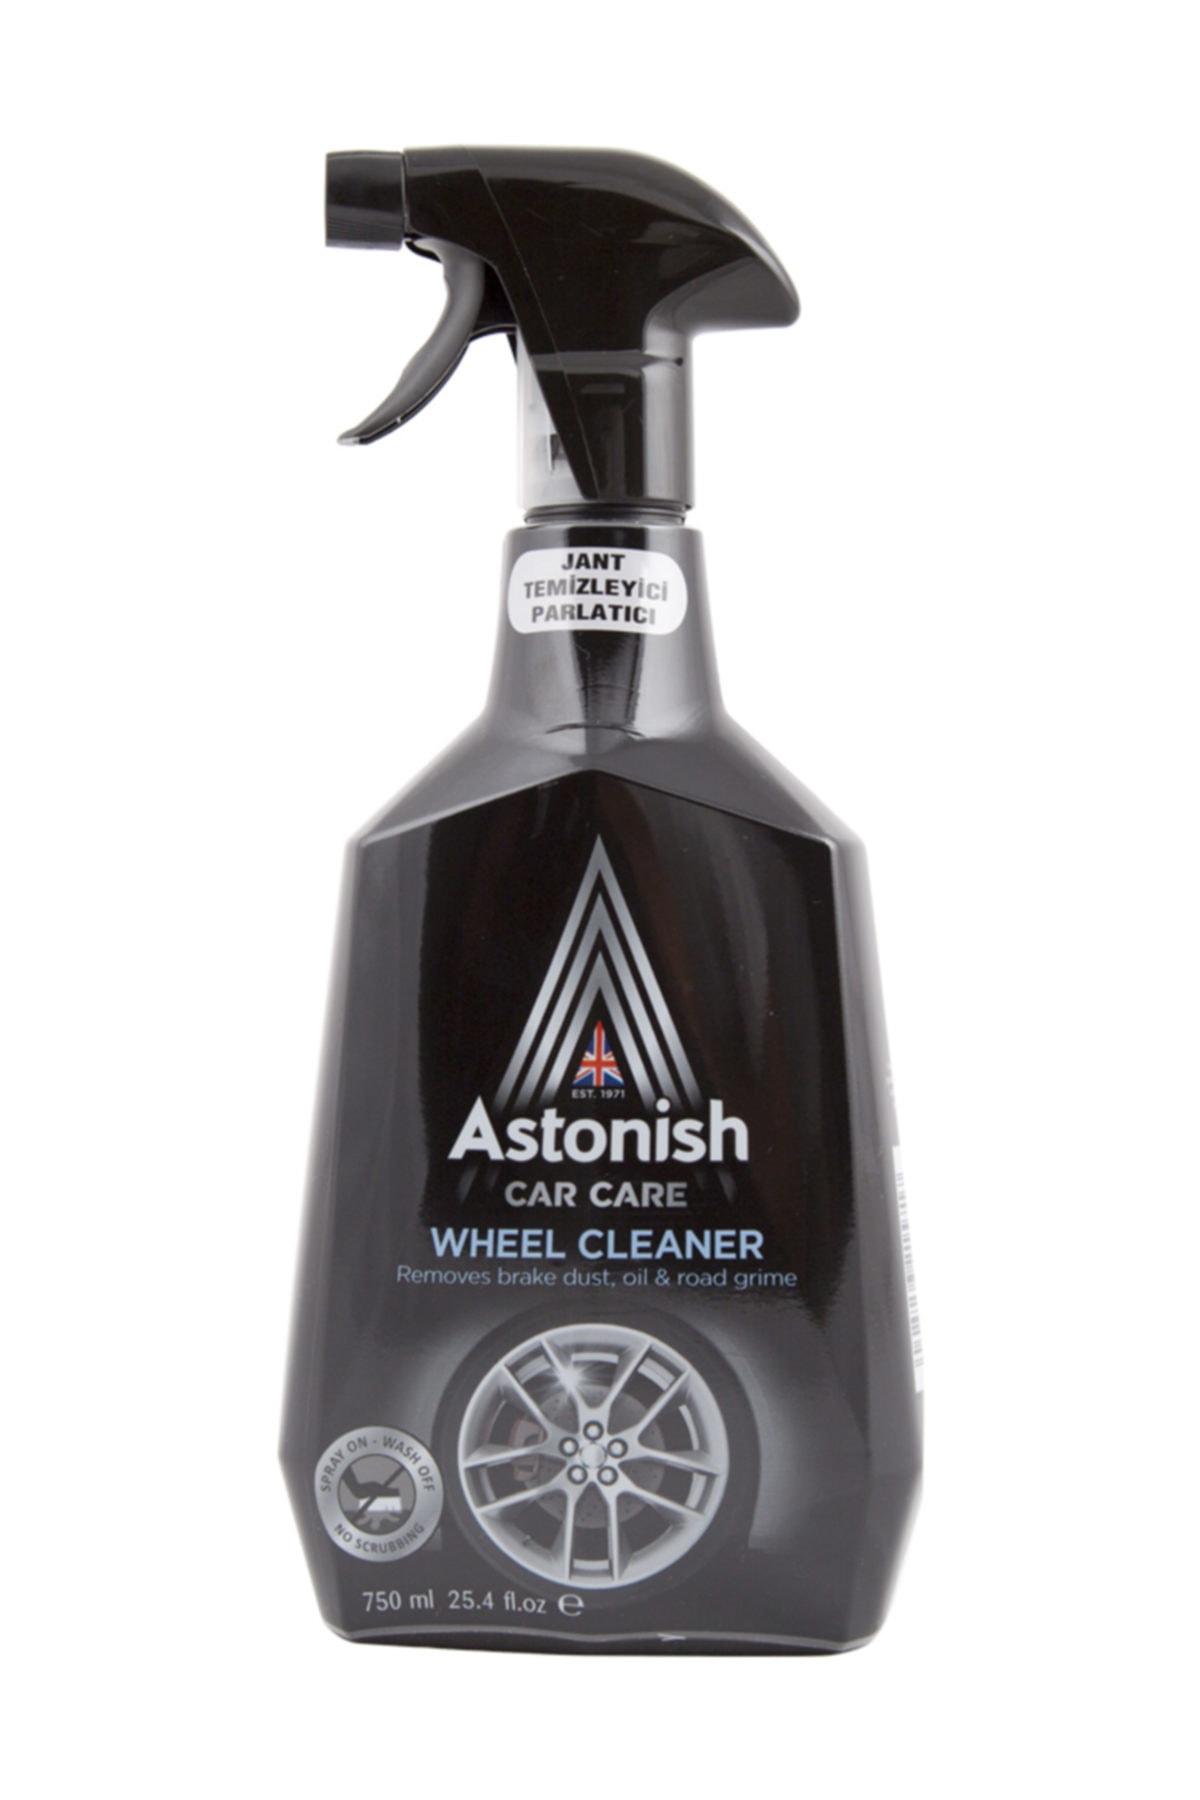 Astonish Jant Temizleyici Ve Parlatıcı 750 ml 1